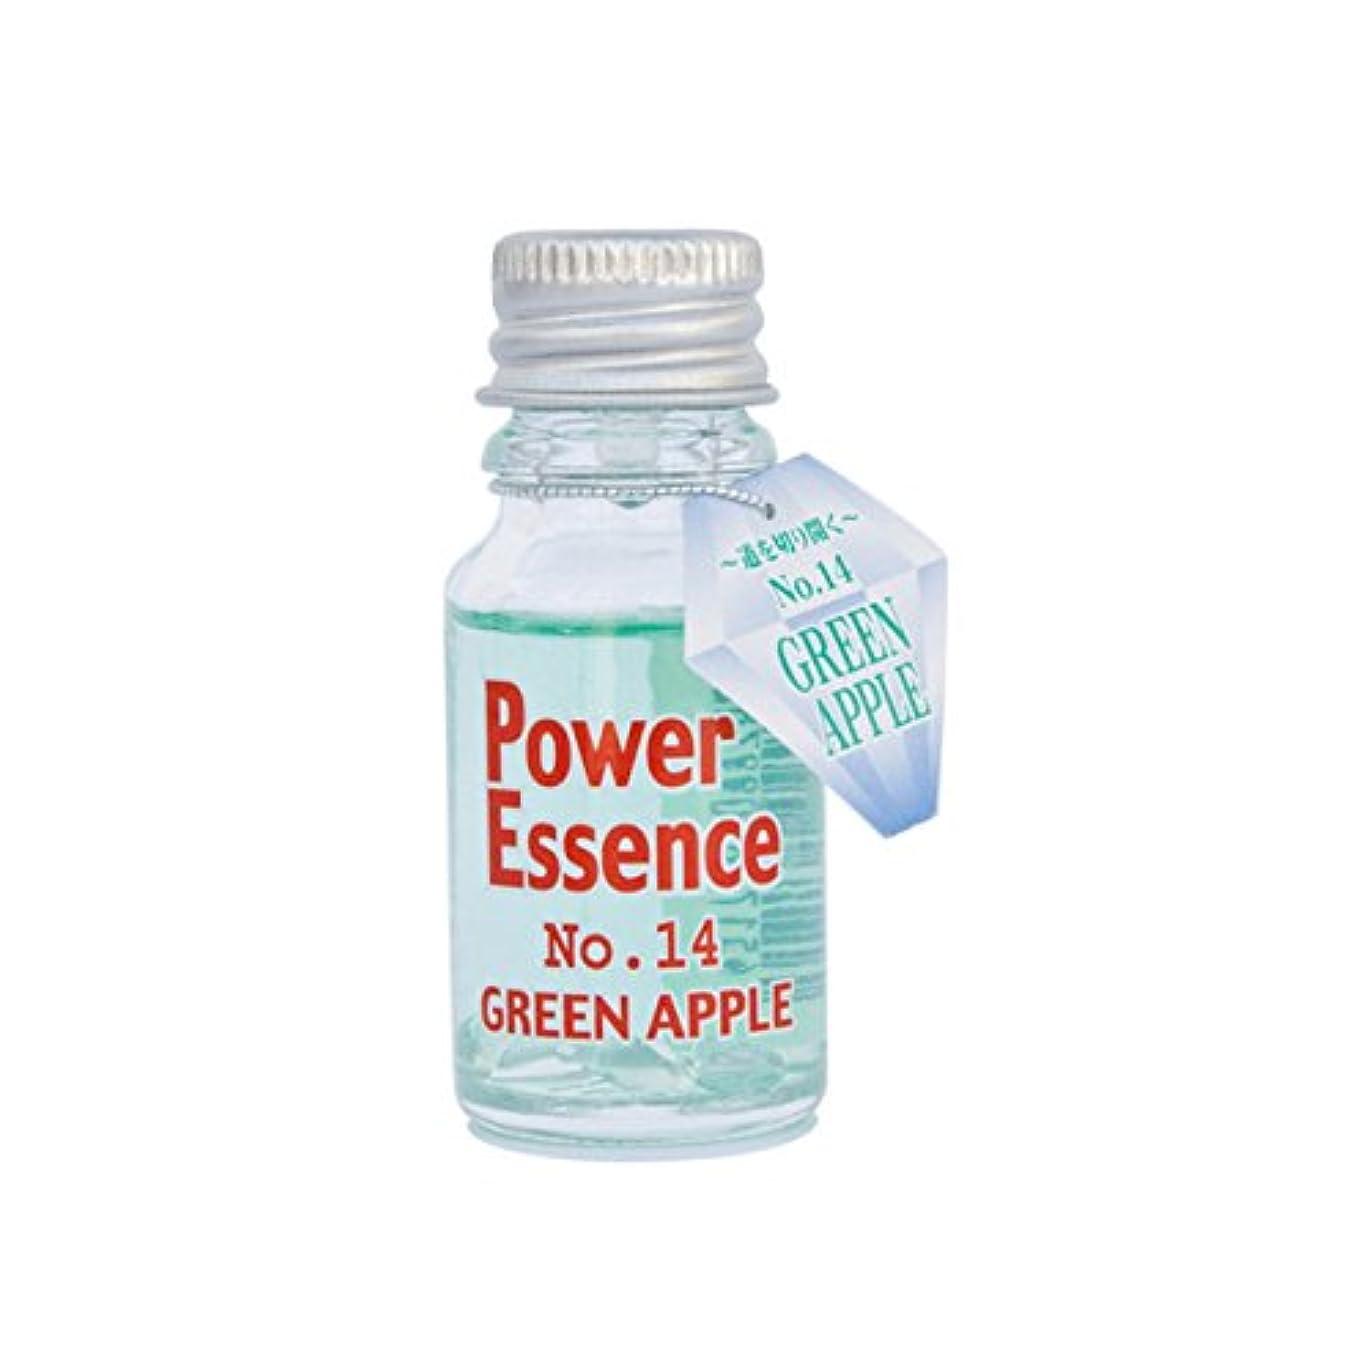 反動レポートを書くスパークパワーエッセンス No.14 グリーンアップル